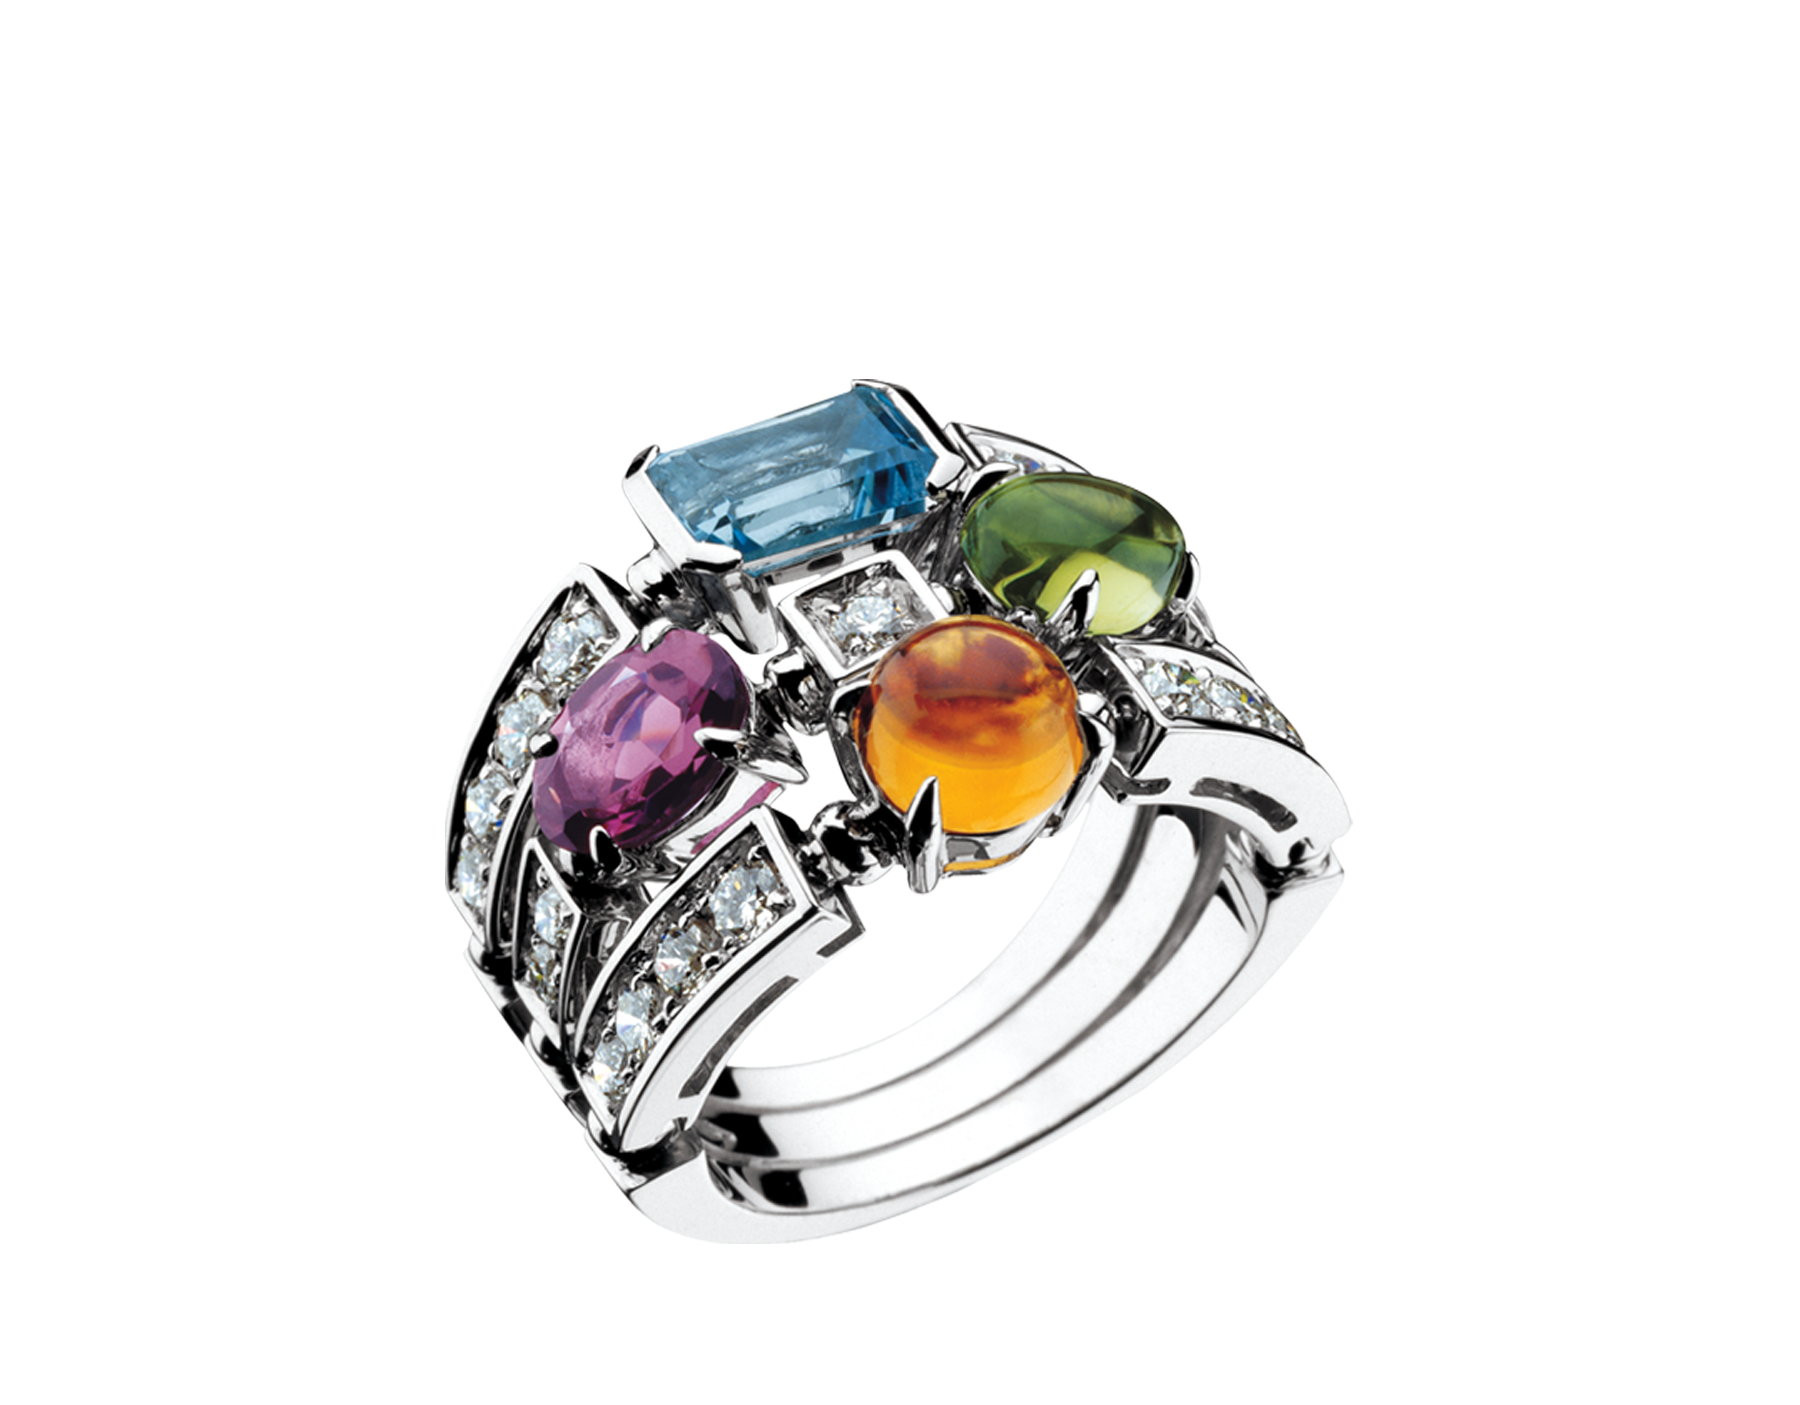 allegra-rings-bvlgari-337425-e-1_v02